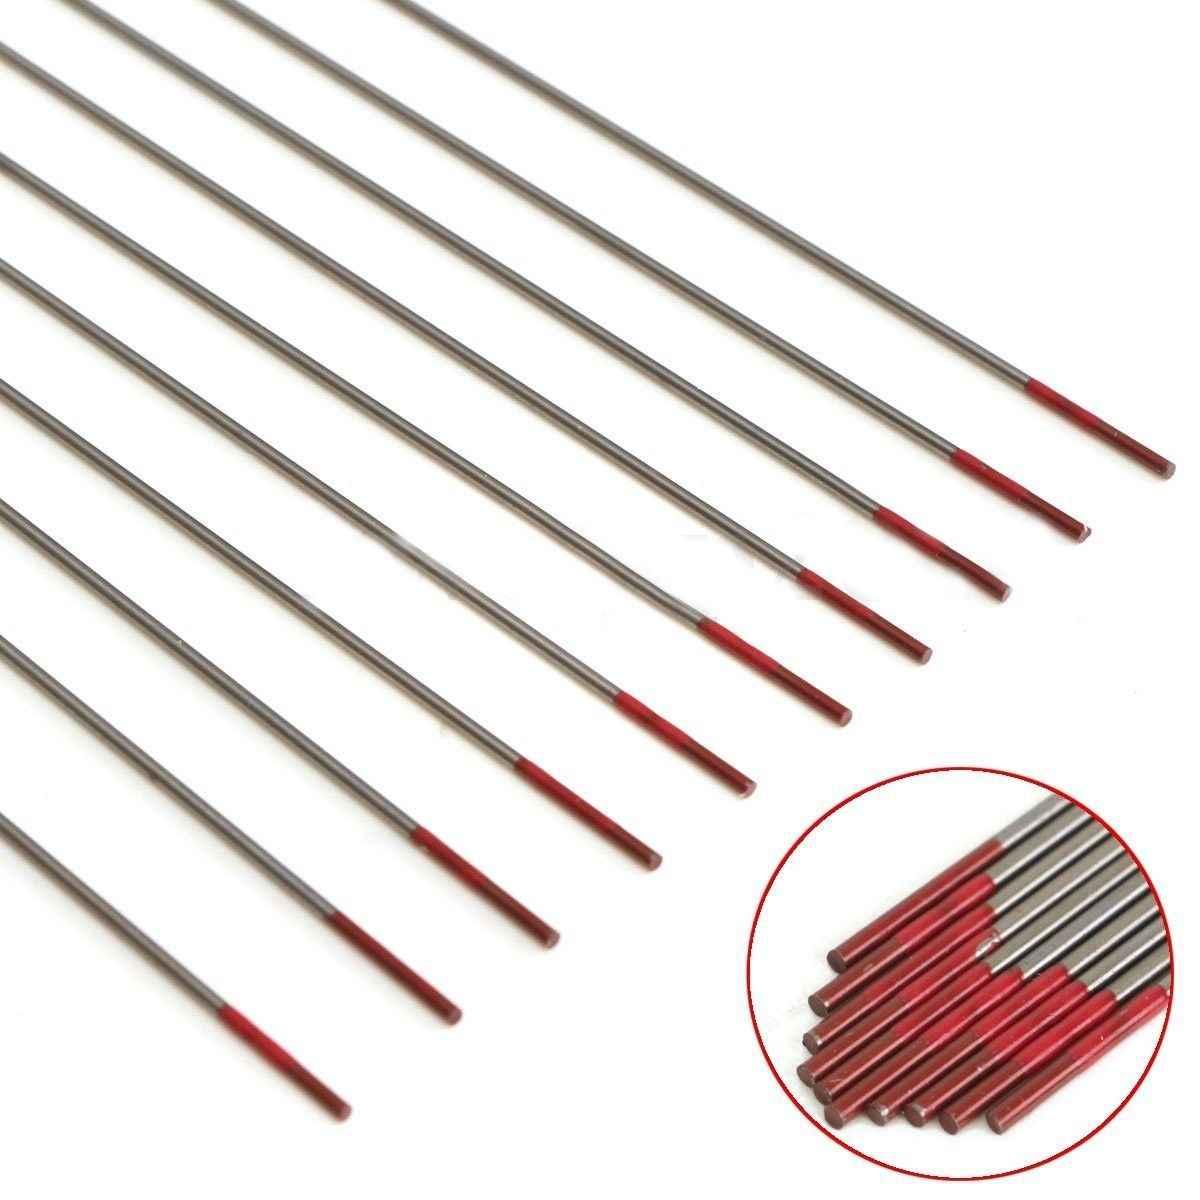 WSFS 10 Quente pcs WT20 Ponta Eletrodos De Solda TIG Lanthanated Tungstênio 2% 150 milímetros/6 polegada WT20 Thoriated Vermelho soldagem TIG Tungstênio